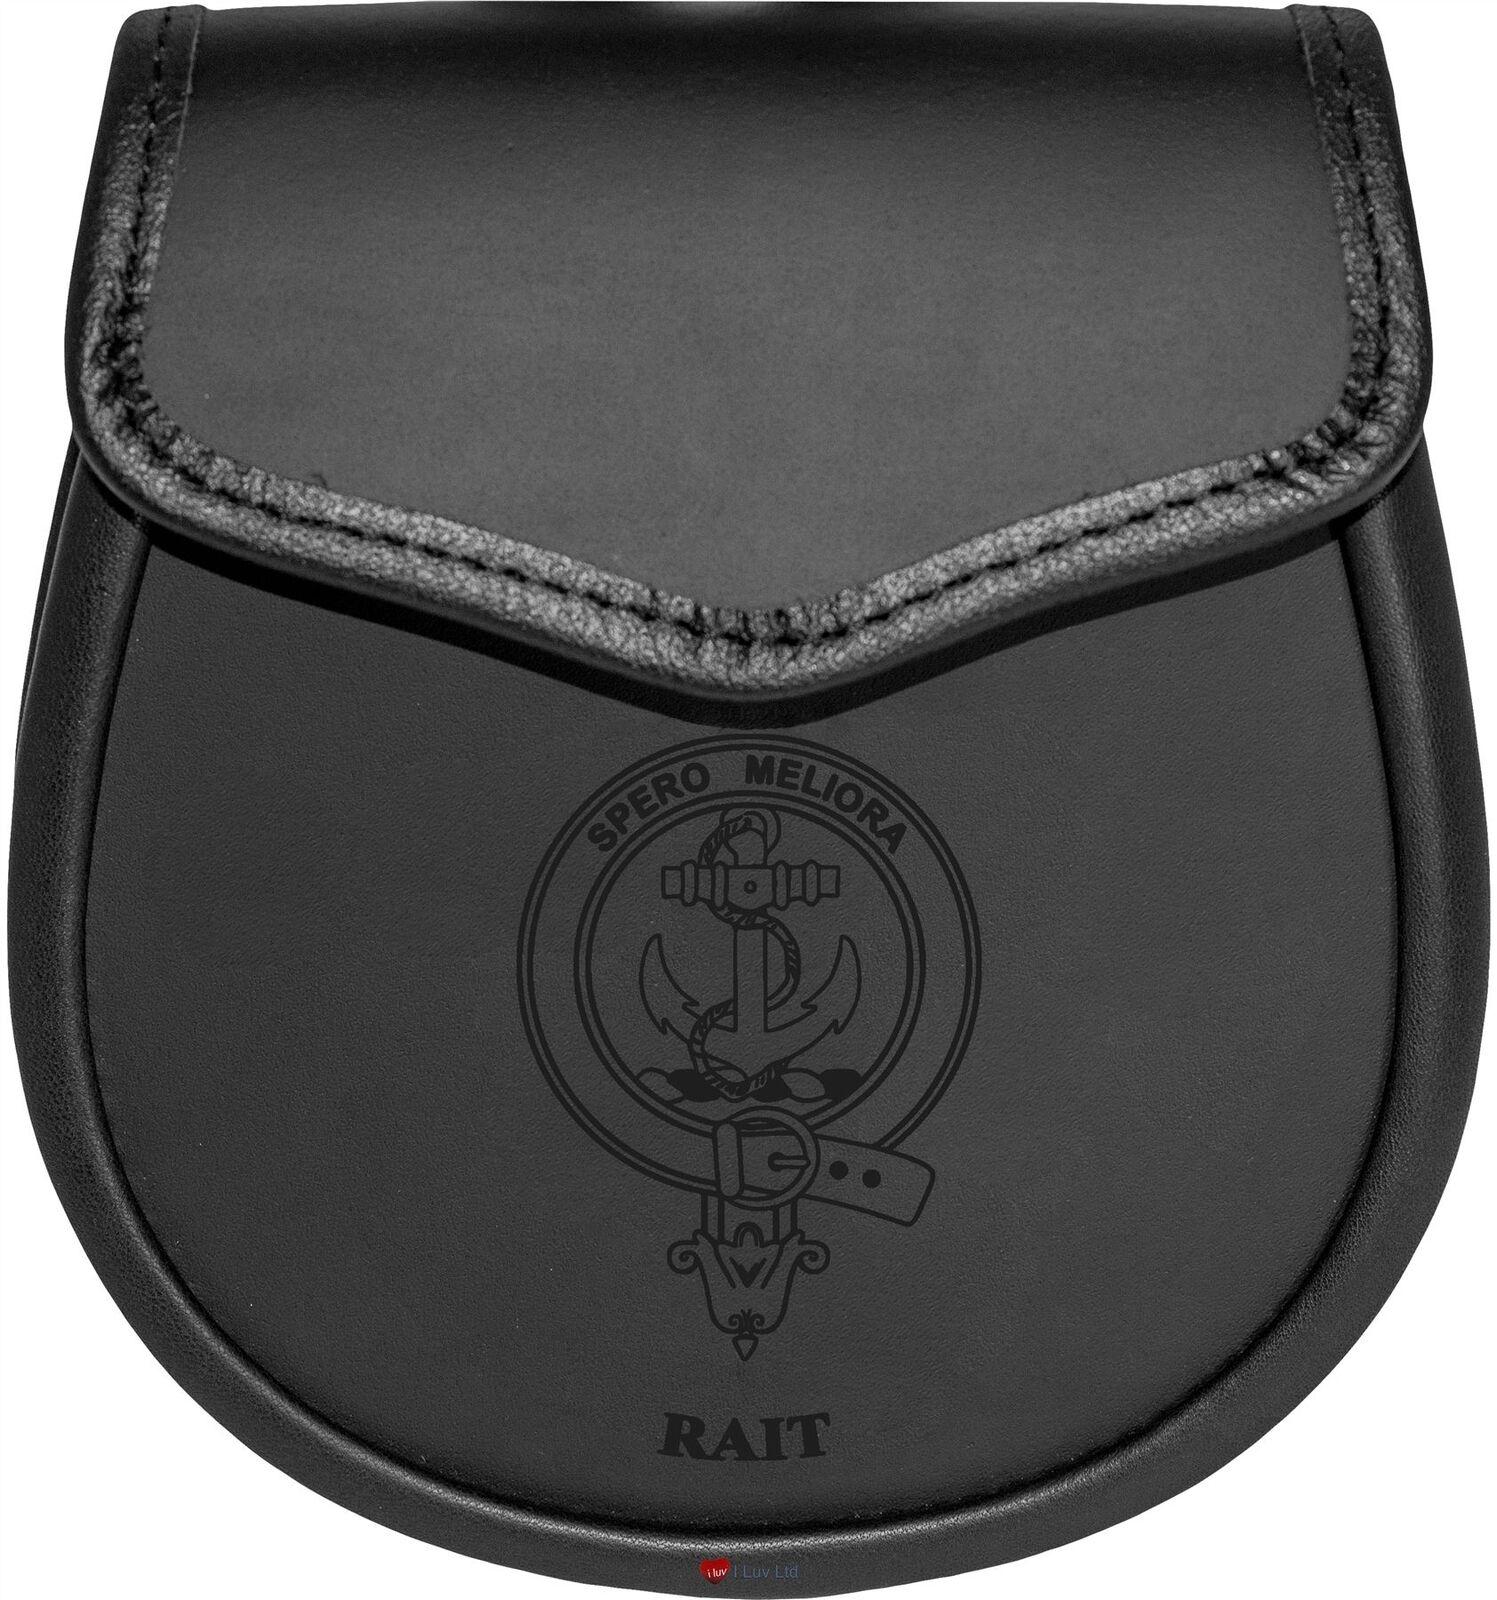 Rait Leather Day Sporran Scottish Clan Crest